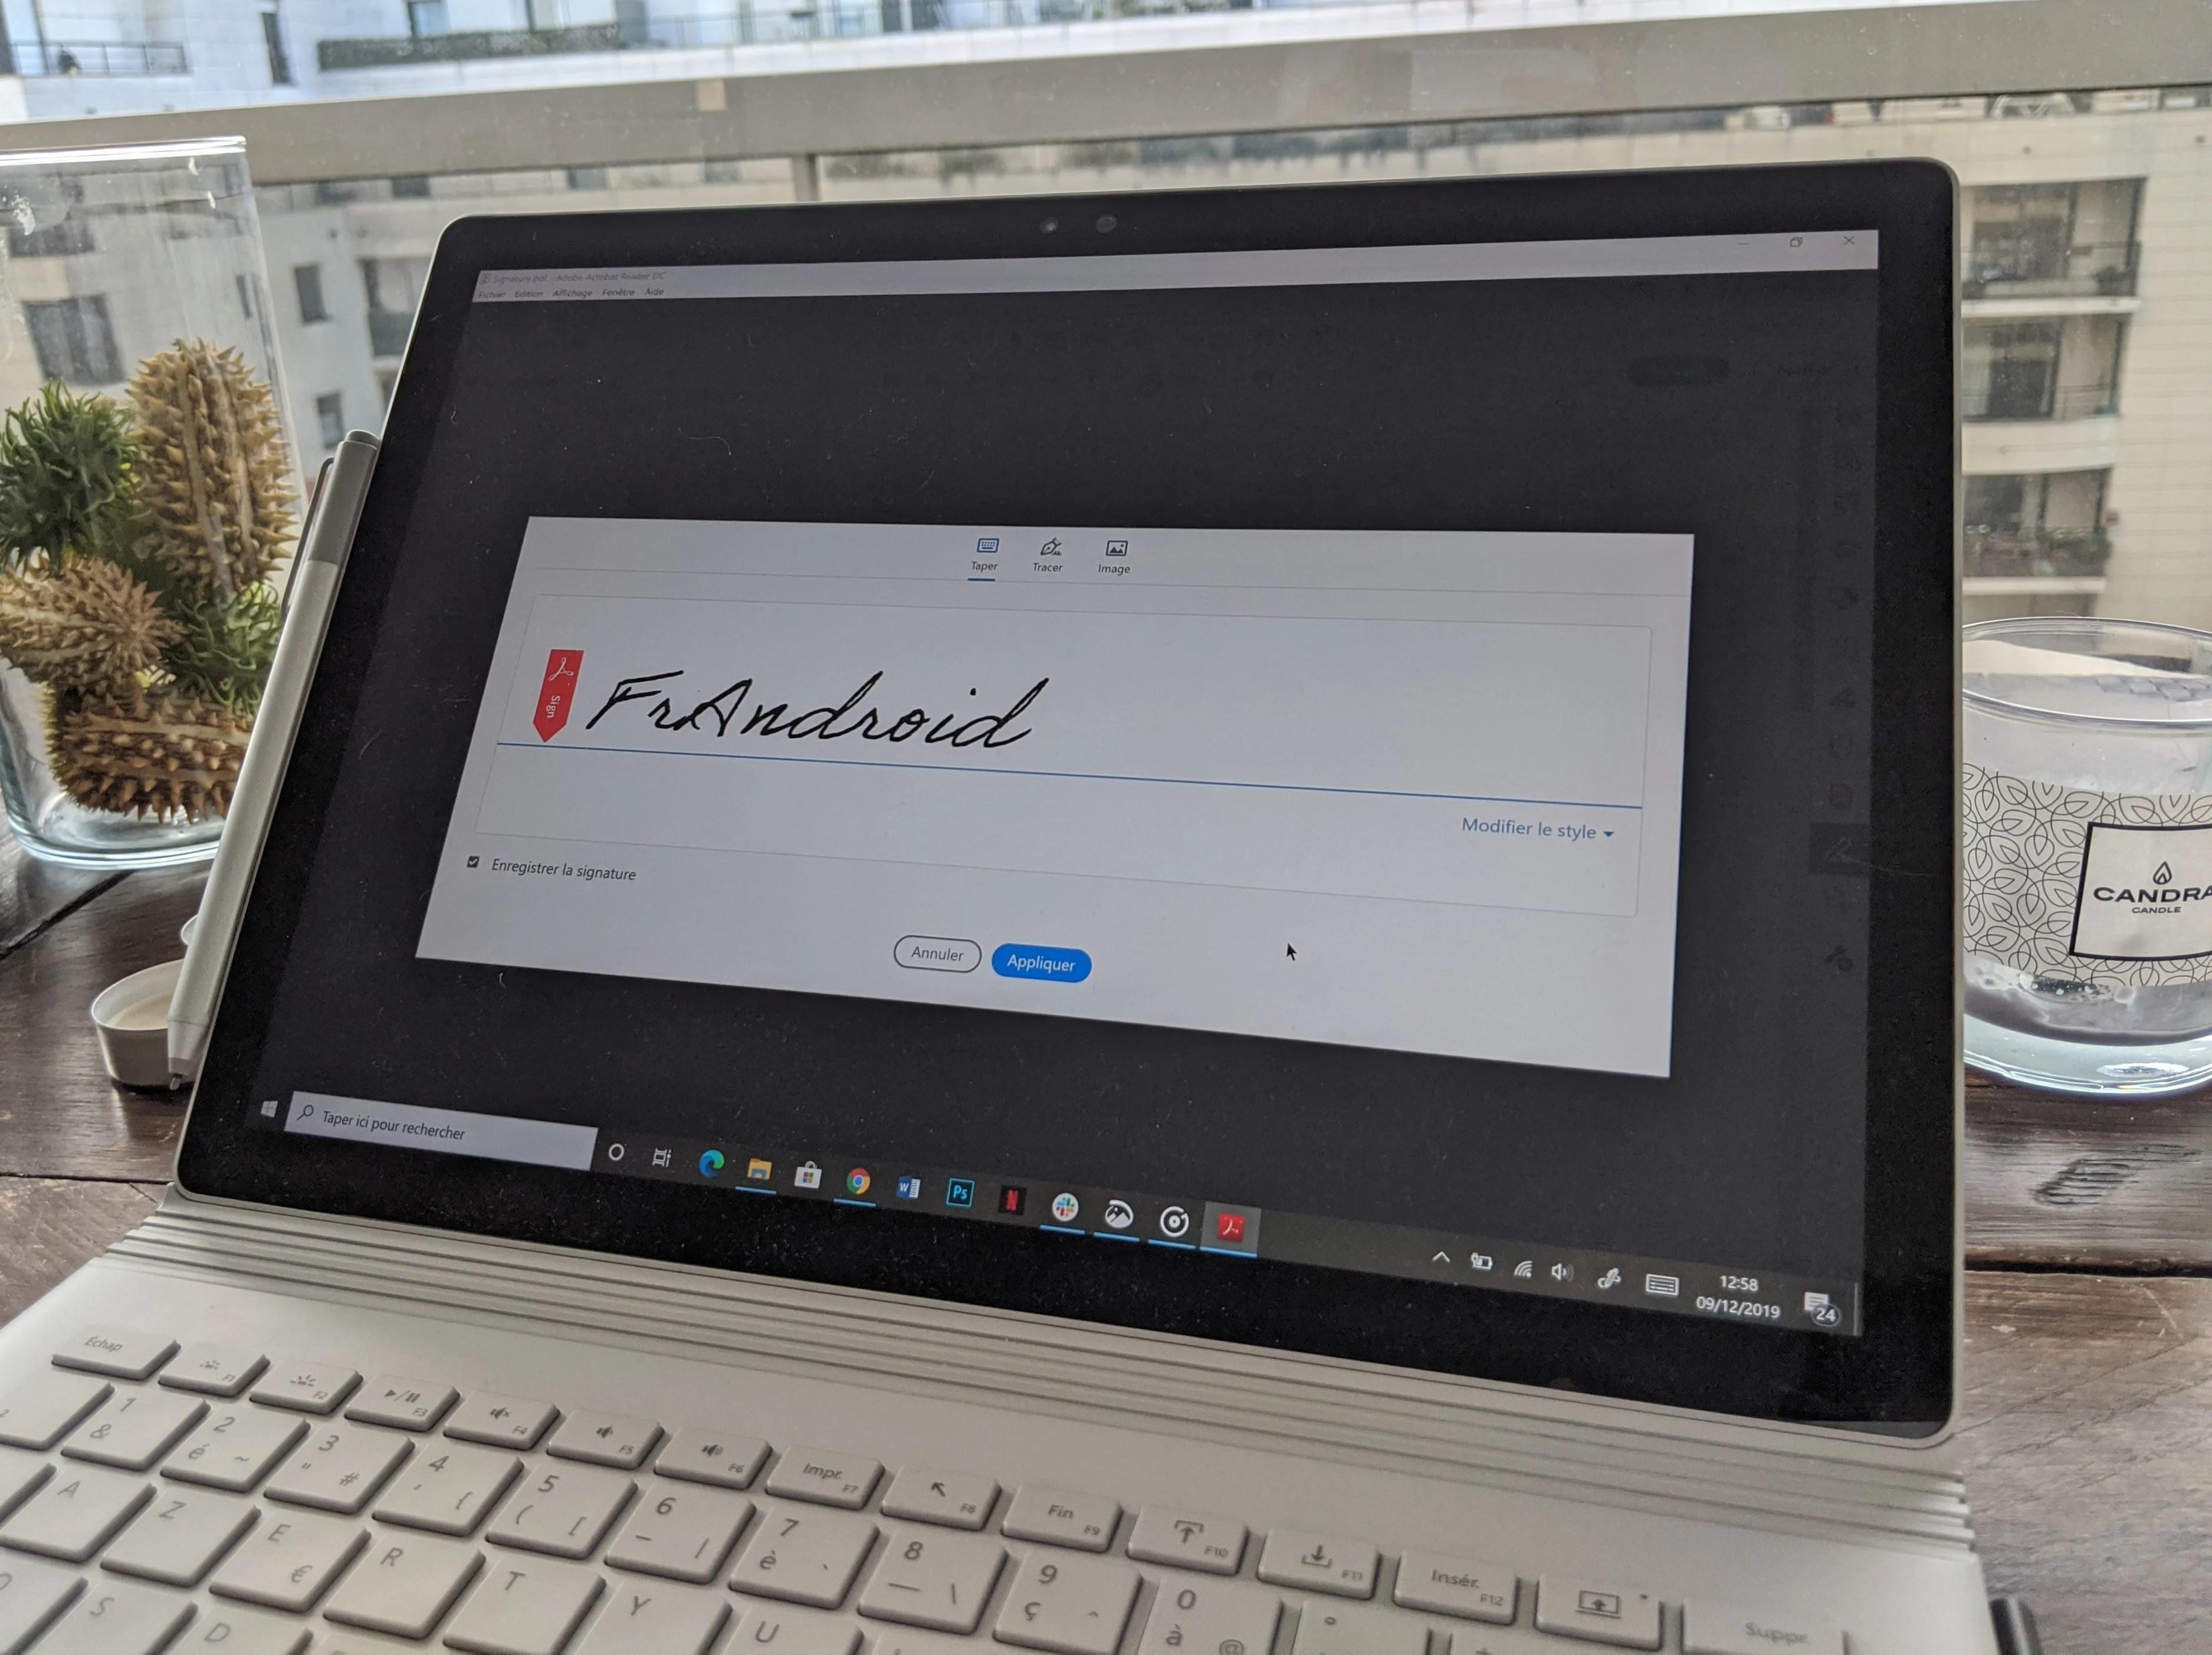 Comment rajouter sa signature sur un fichier PDF